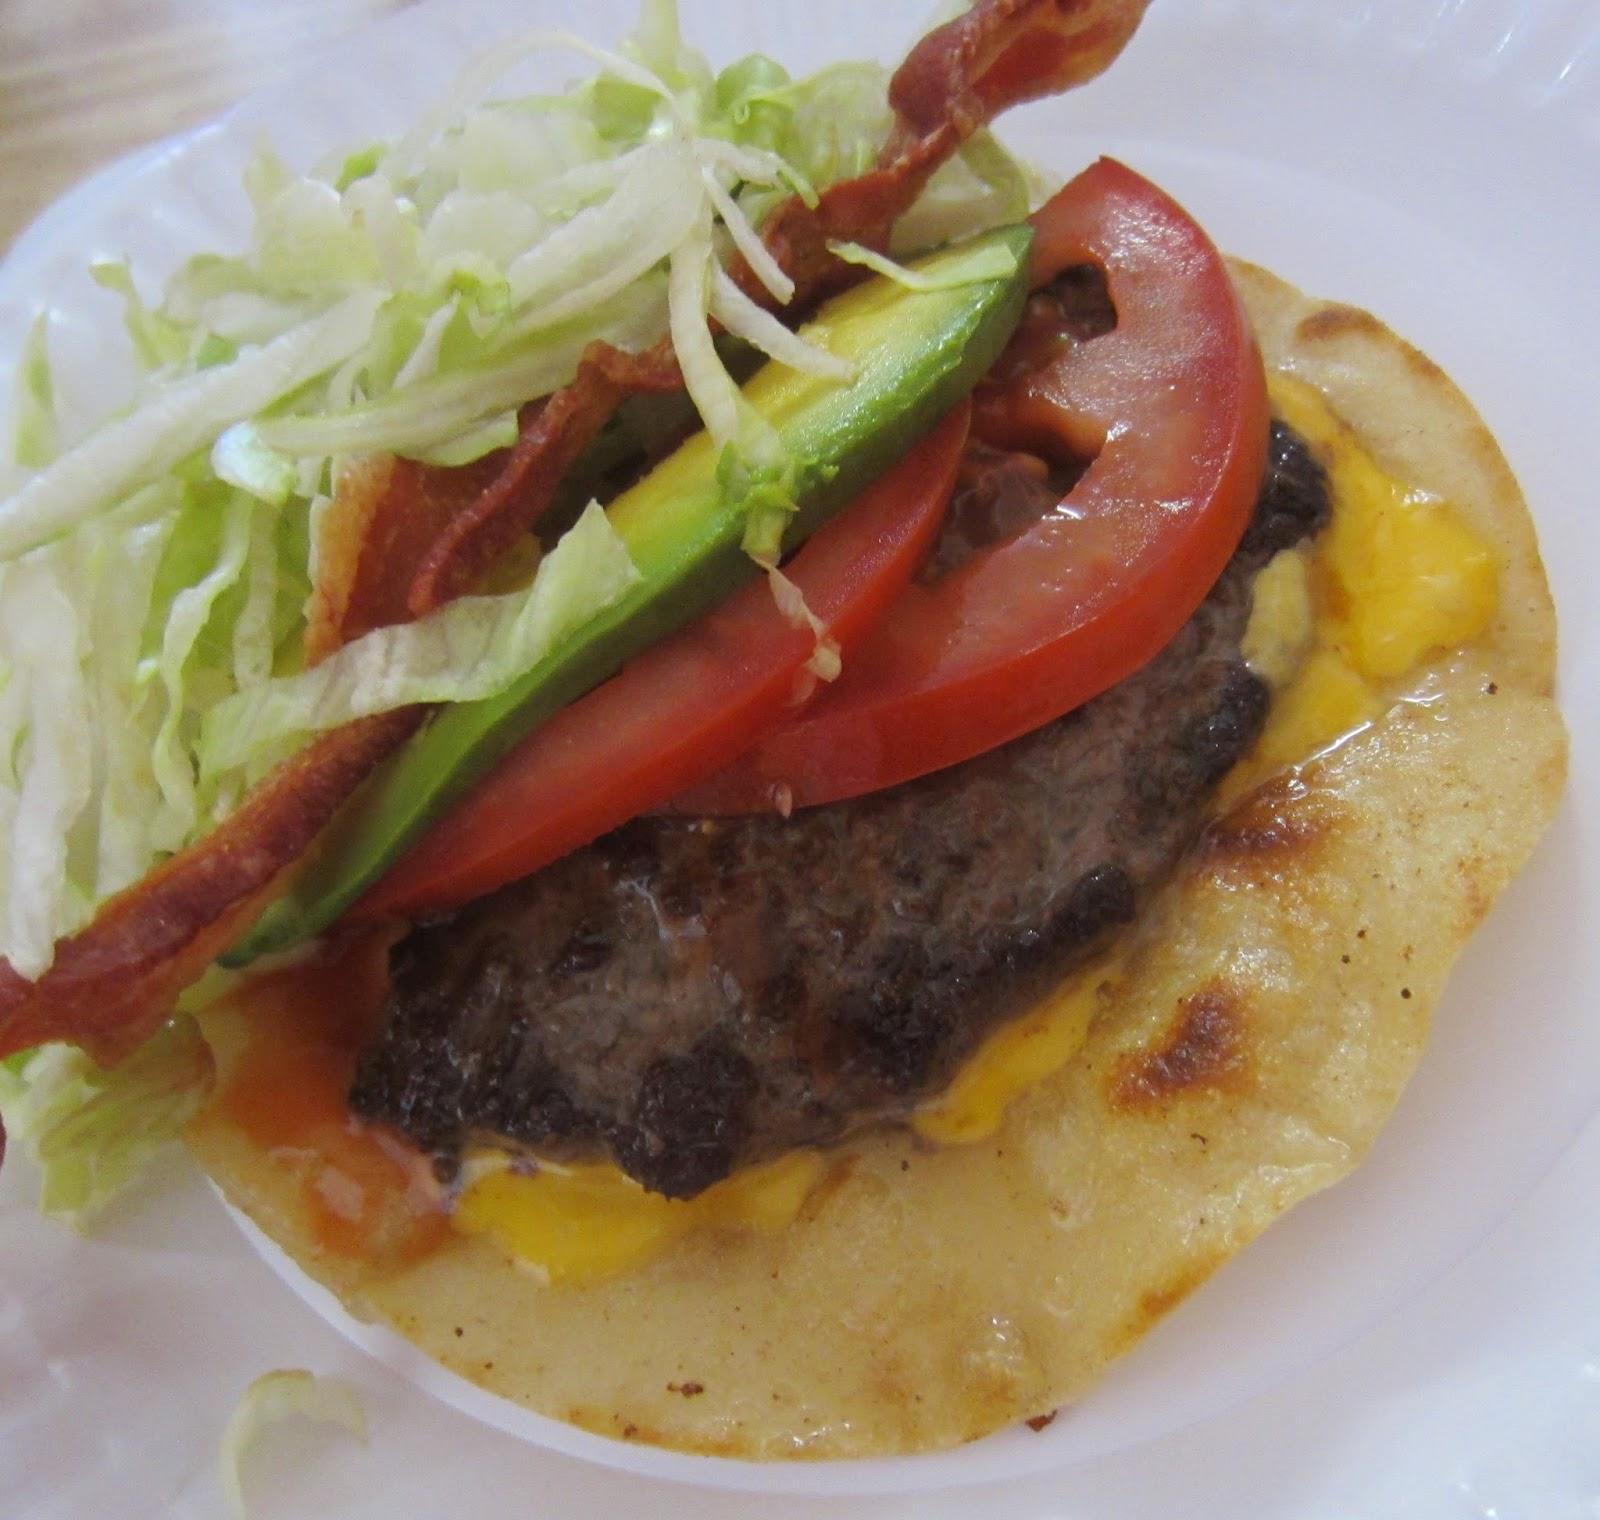 wacky tacky: Chow Time: Howard's Famous Bacon & Avocado Burgers